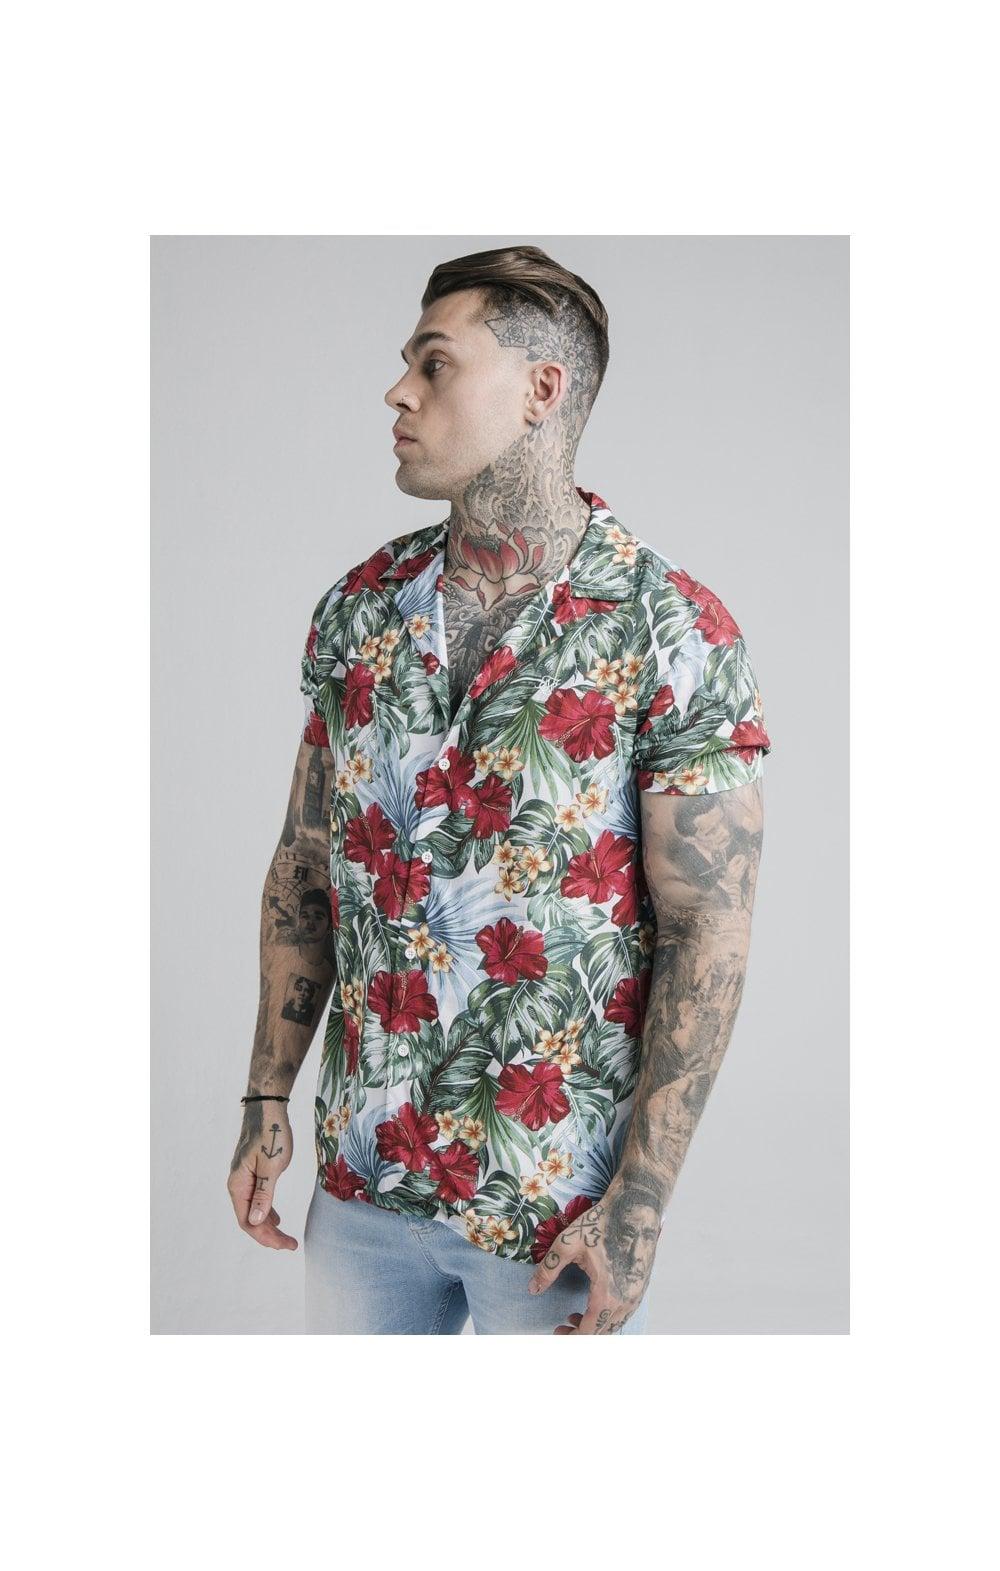 SikSilk 70's Floral Resort Shirt  White MEN SIZES TOP: XS